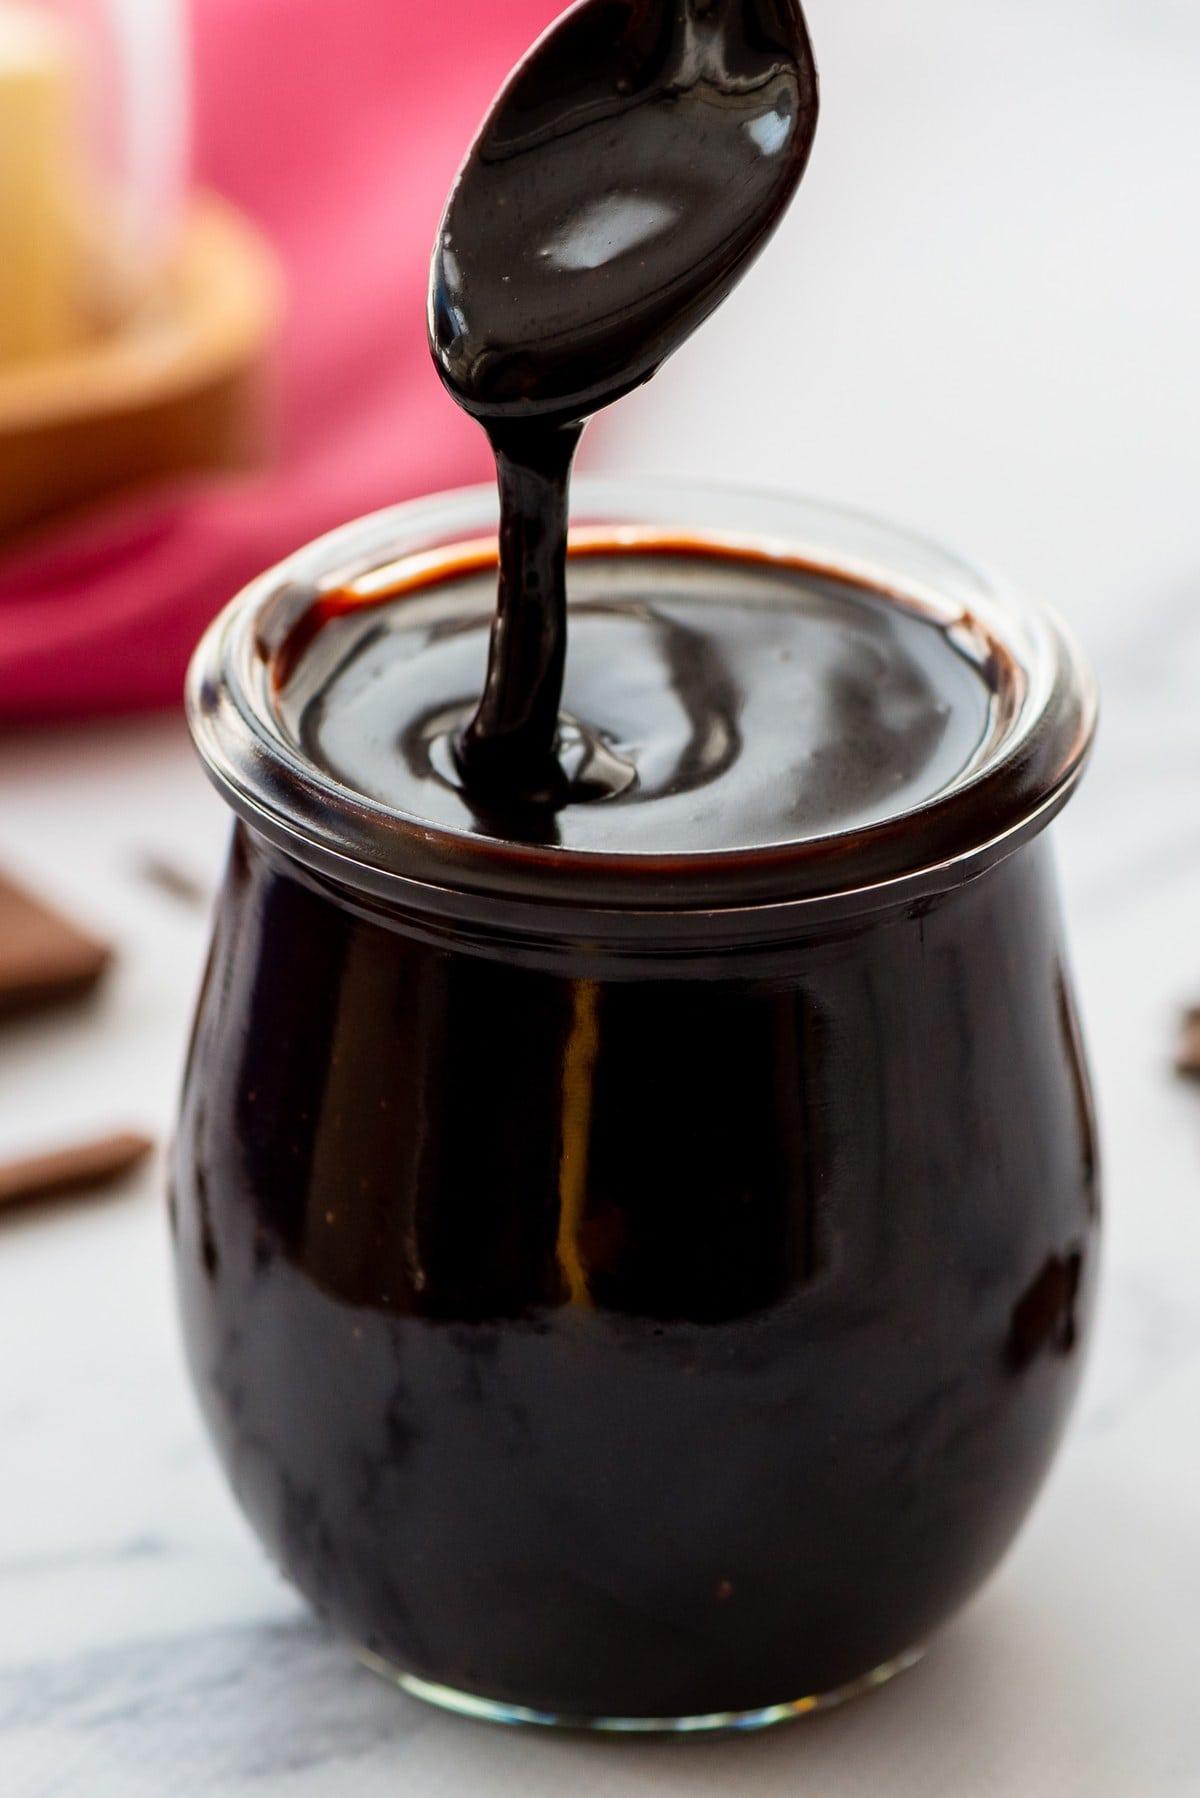 jar of hot fudge